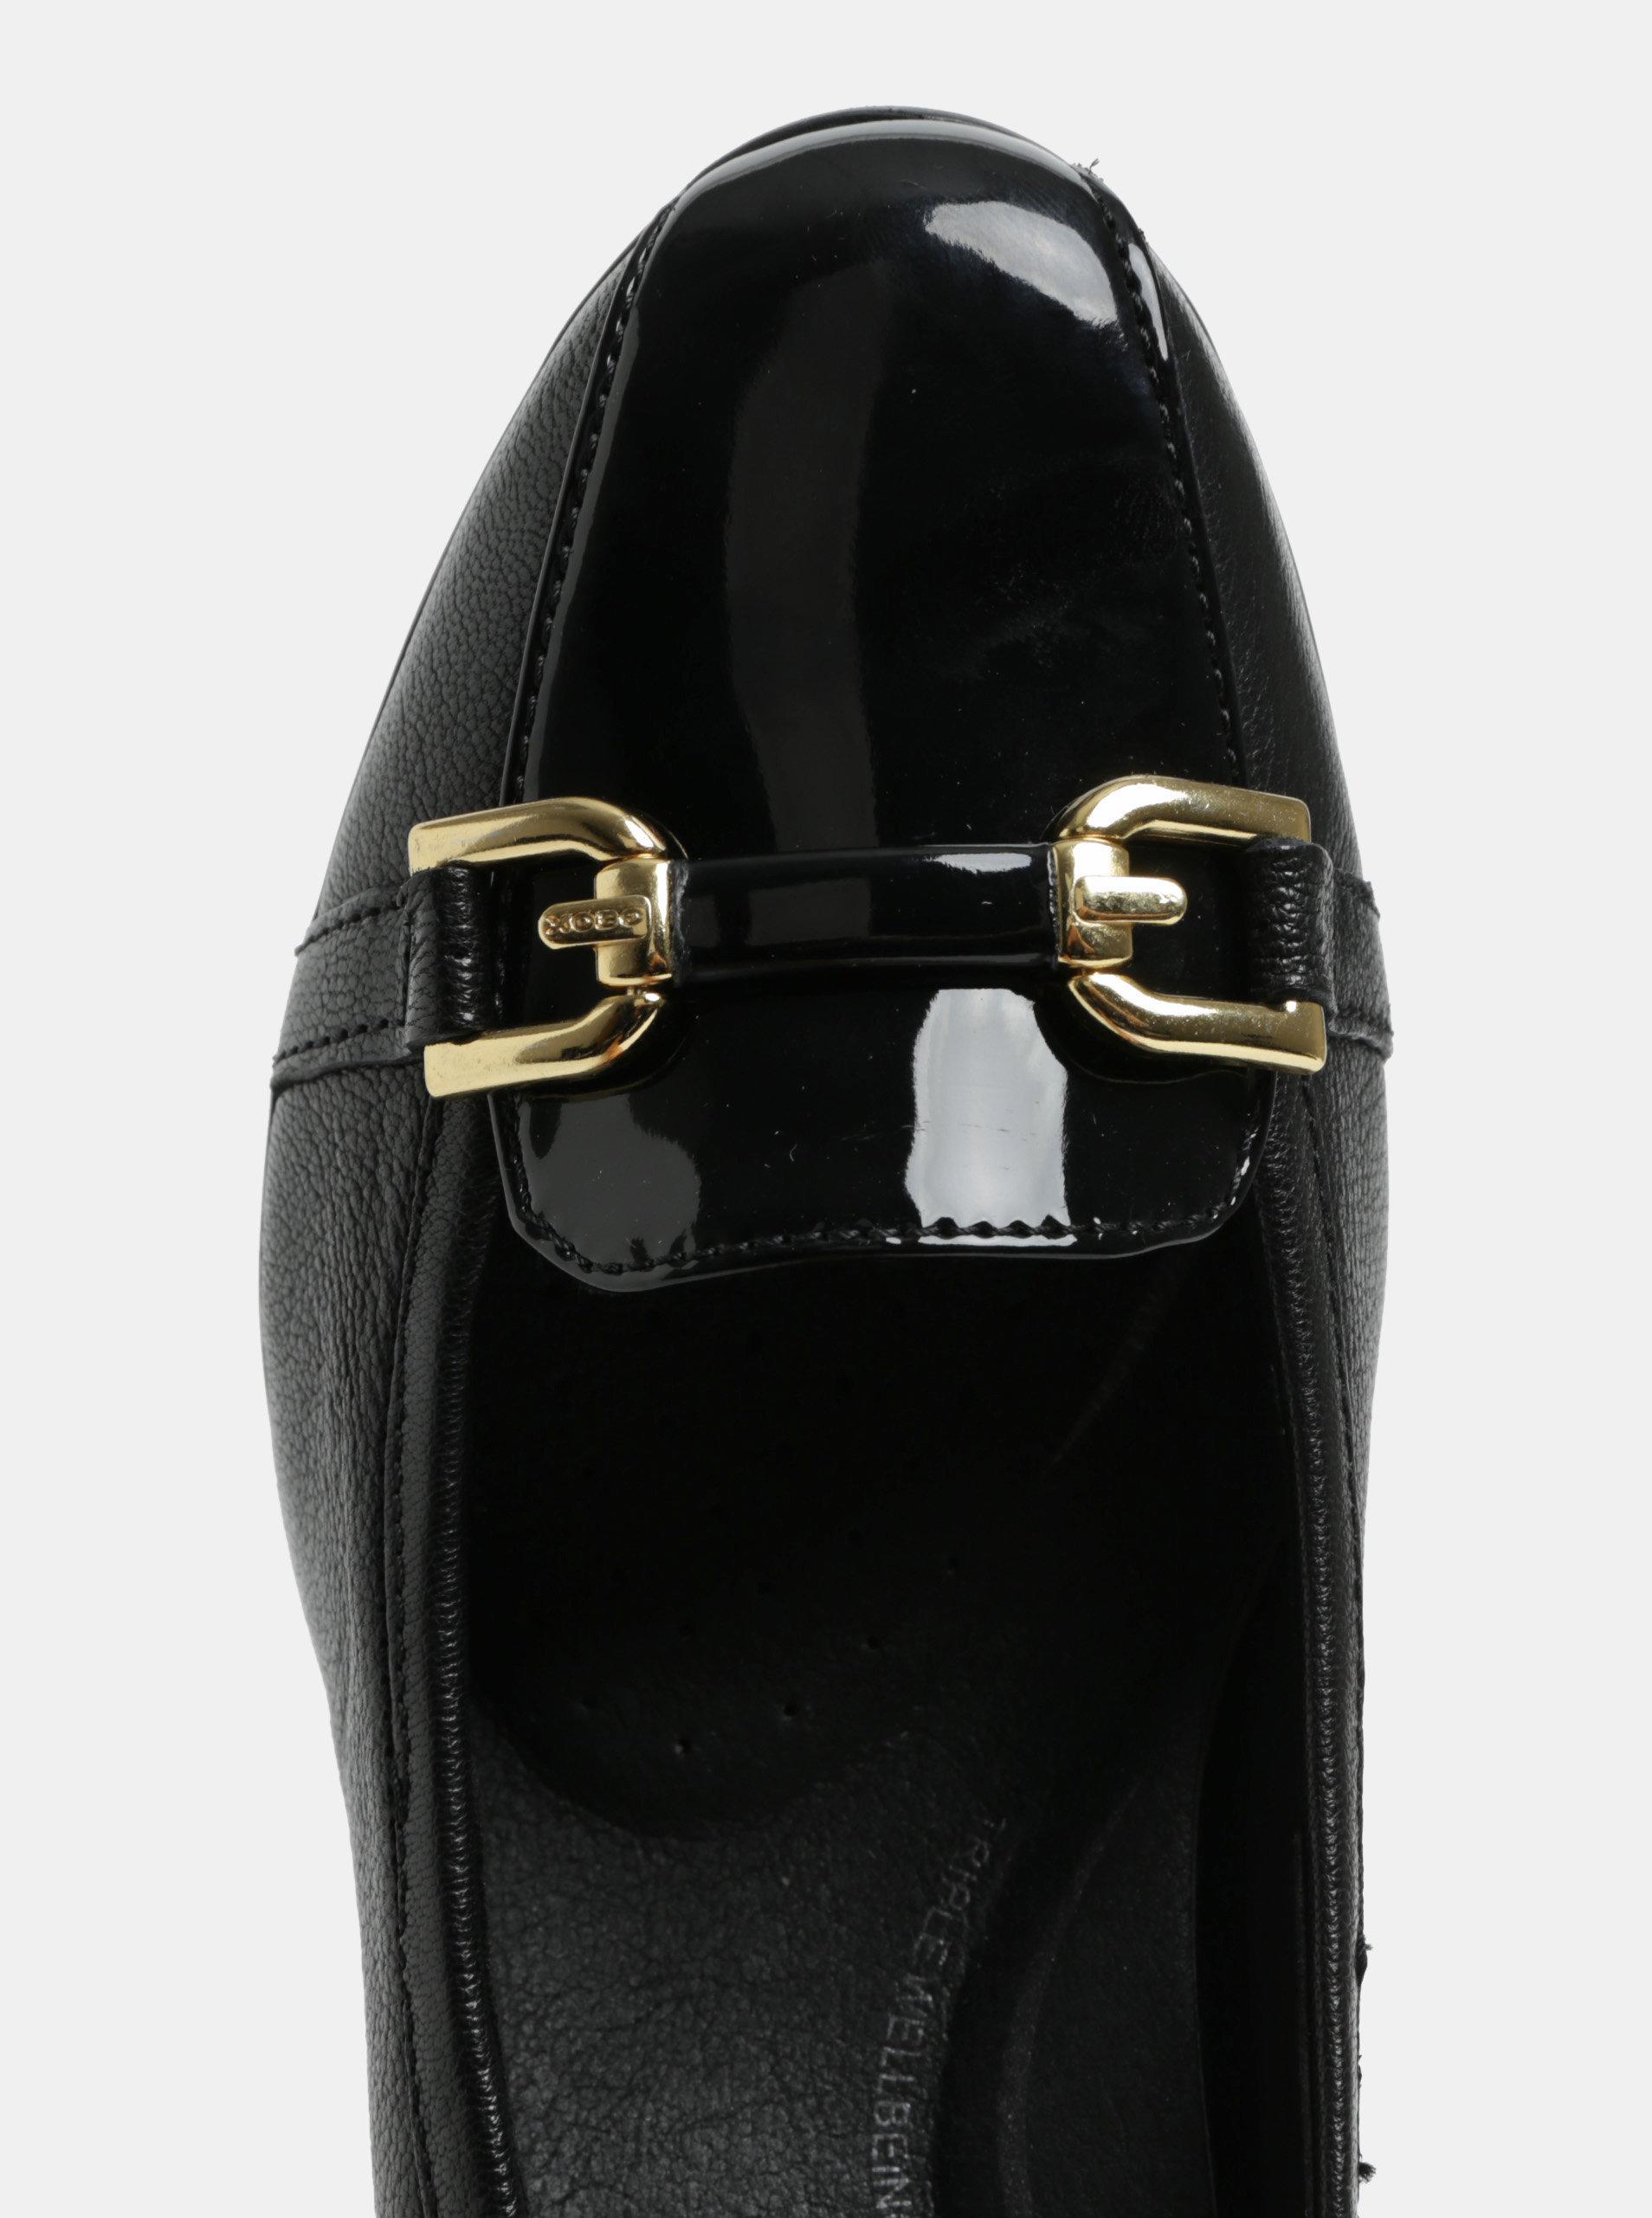 Černé mokasíny na podpatku s ozdobou ve zlaté barvě Geox Annya ... d0d12539b7